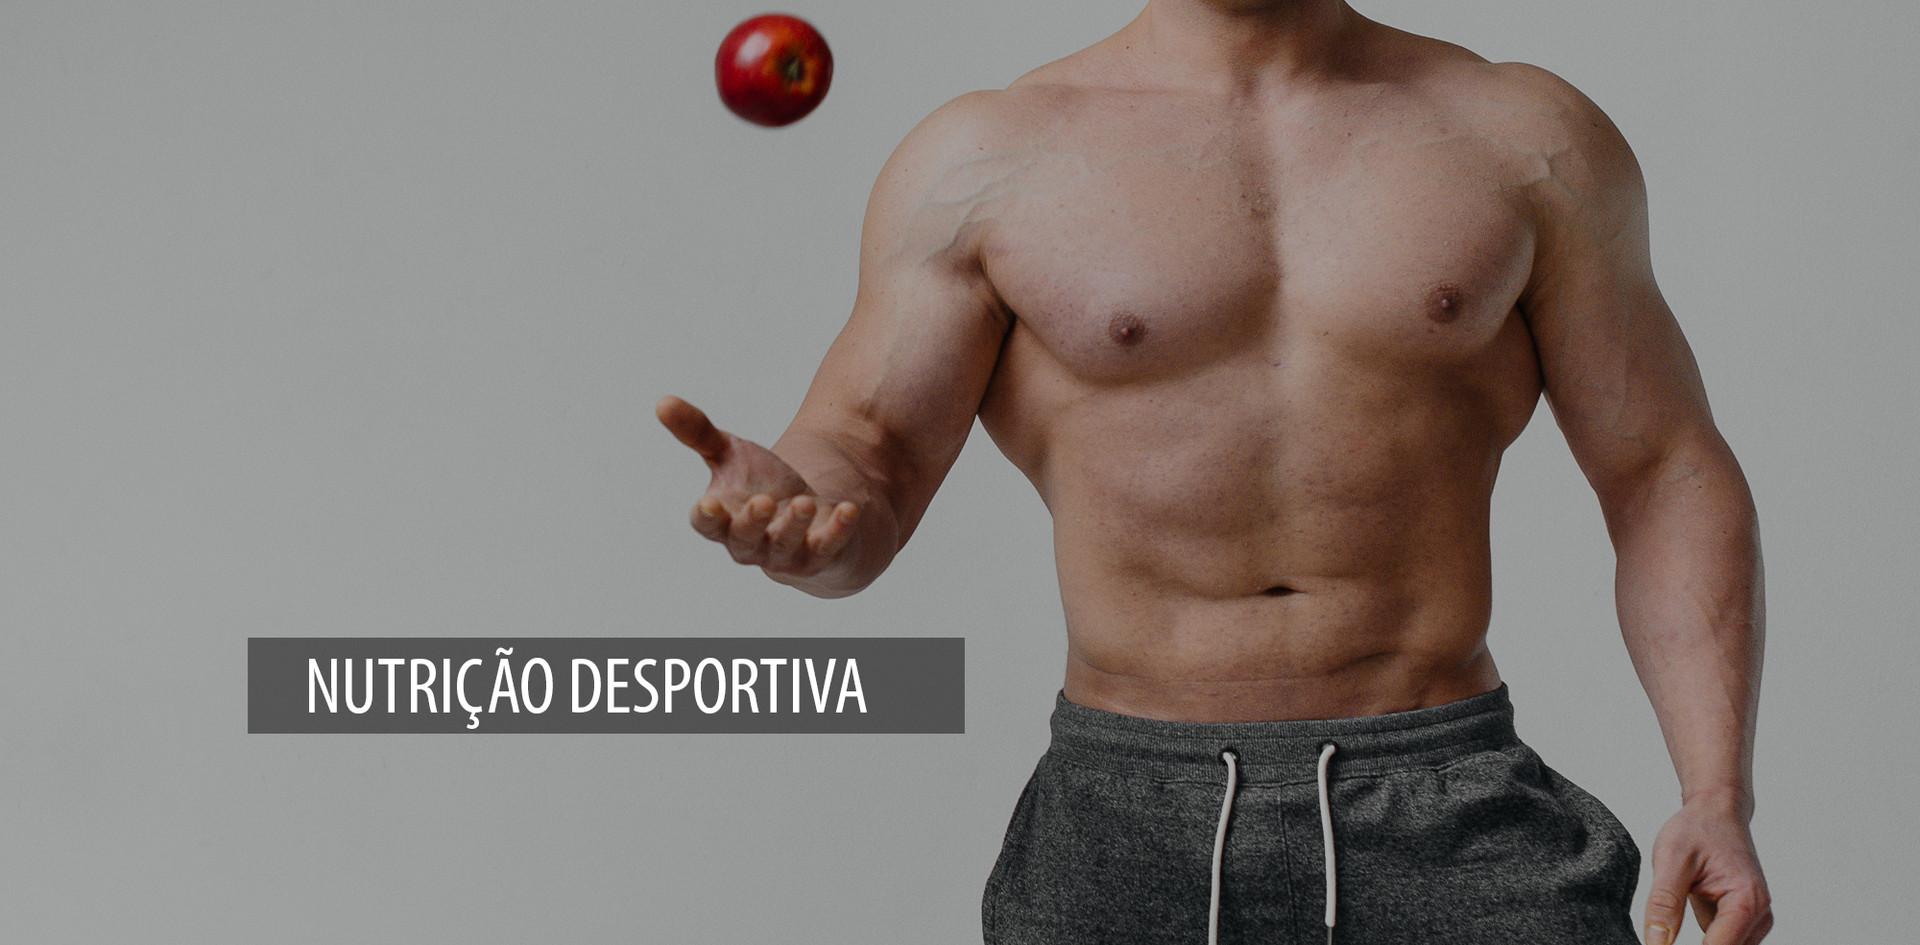 NUTRIÇÃO_DESPORTIVA.jpg